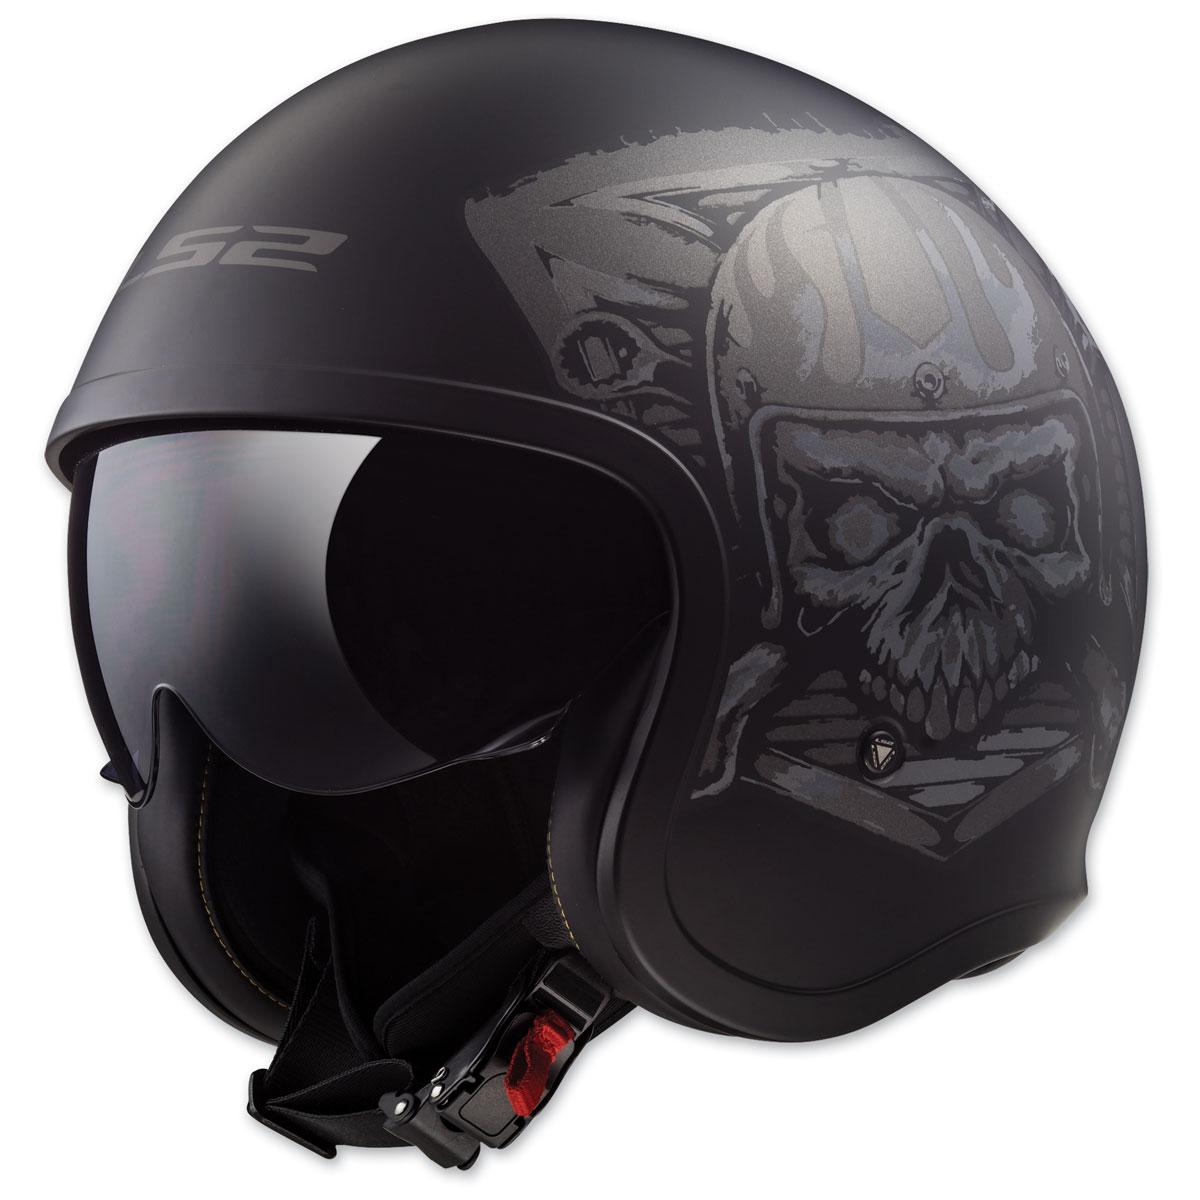 LS2 Spitfire Skull Rider Matte Black Open Face Helmet